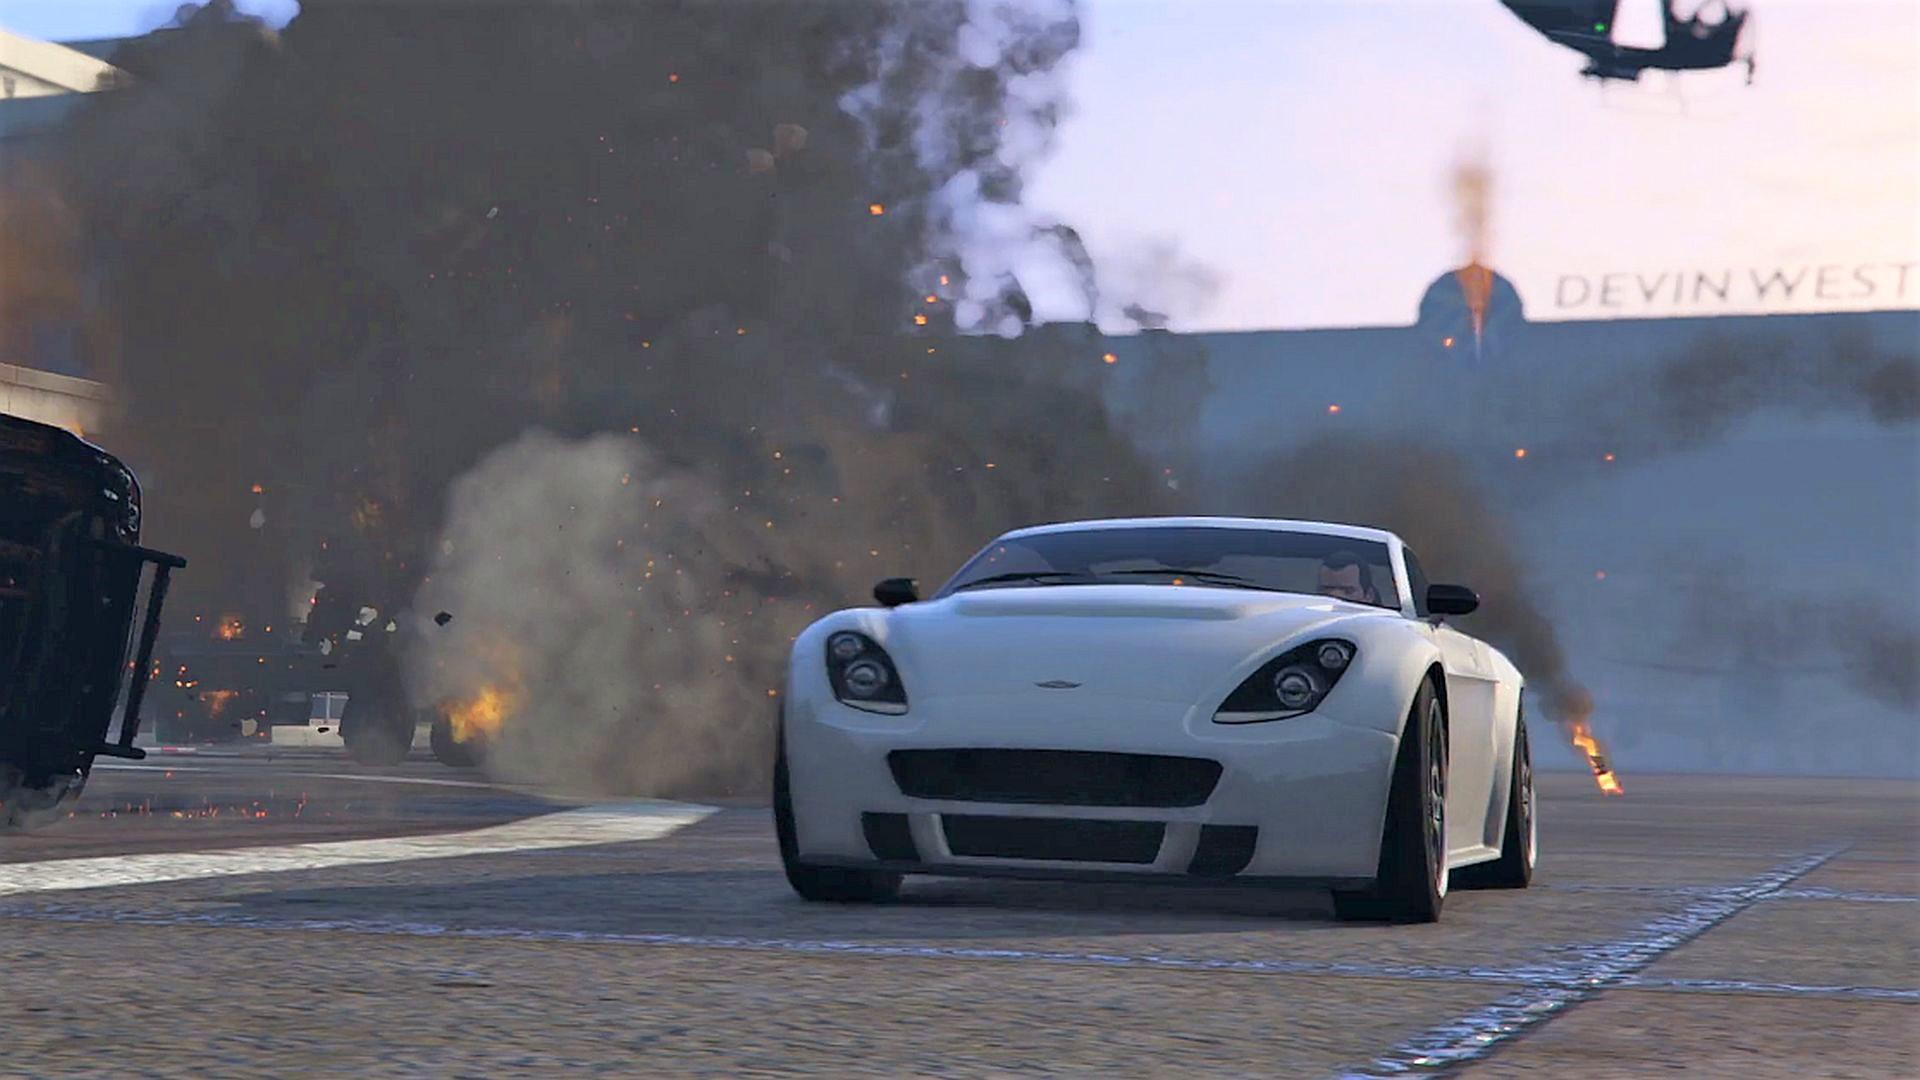 GTA Online's weekly update brings triple Land Race, Lamar Contact Mission rewards